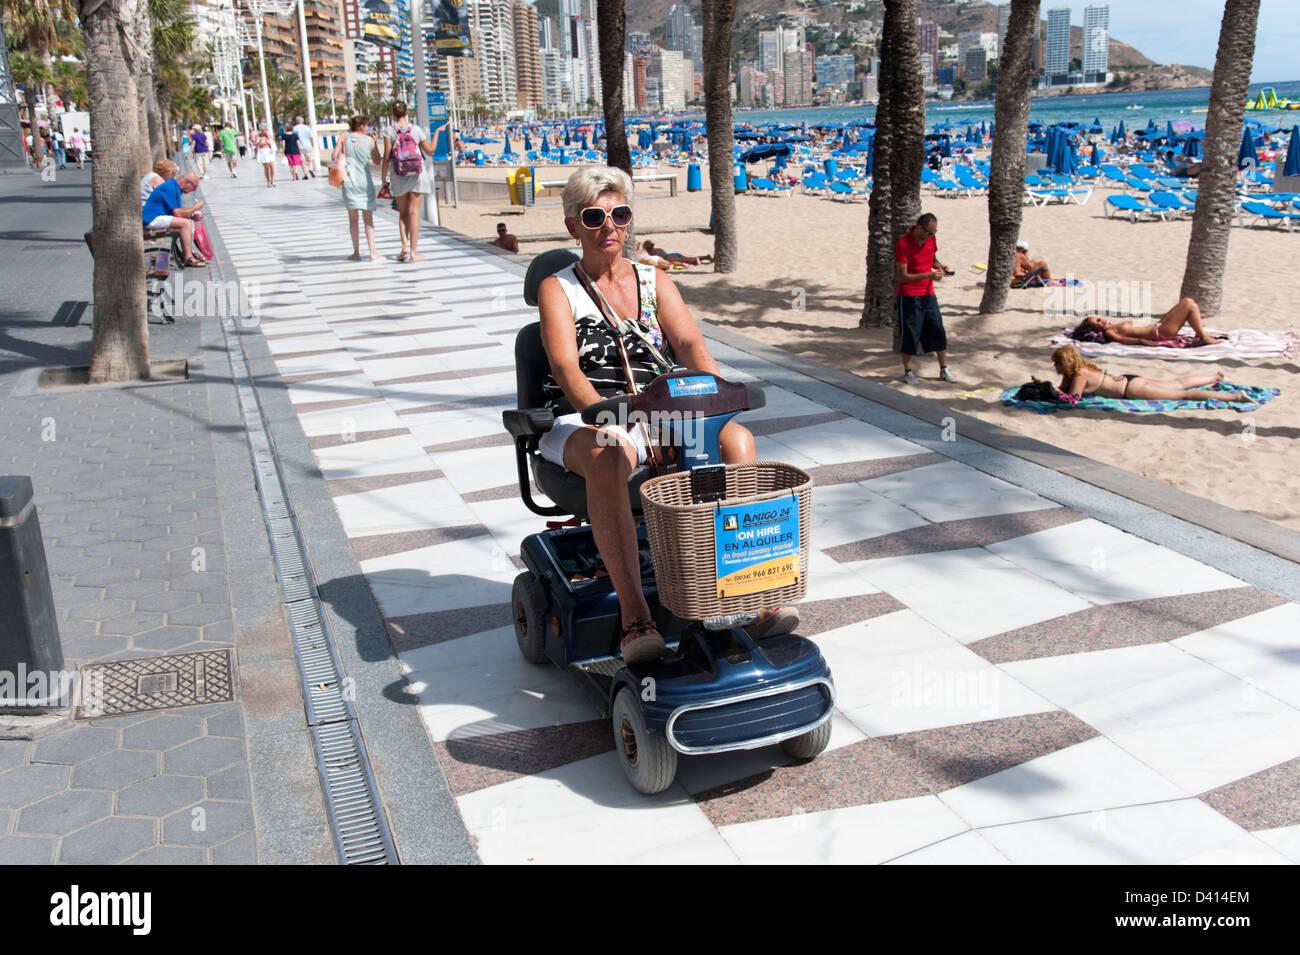 Donna che utilizza noleggiato scooter di mobilità sul lungomare, Benidorm, Costa Blanca, Spagna Immagini Stock